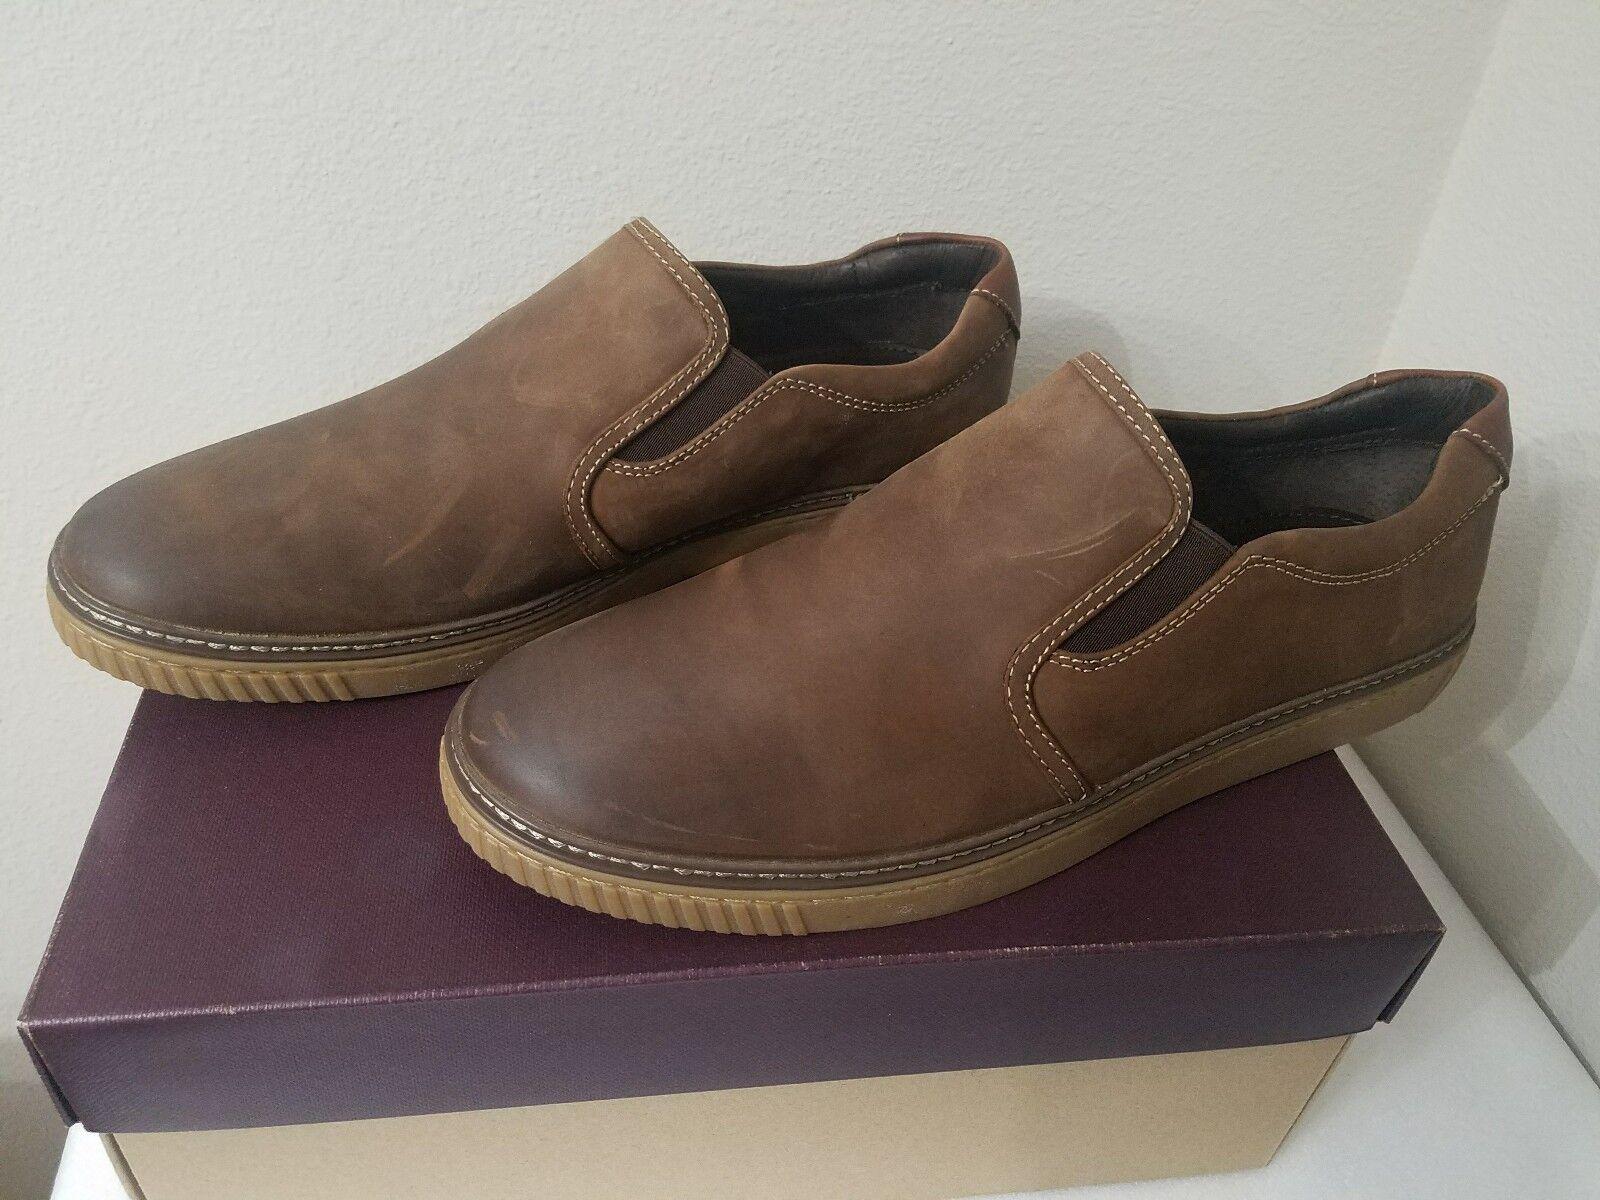 negozio online outlet Johnston & Murphy 25-2820 Marrone Oiled Slip Slip Slip On scarpe 12M  moda